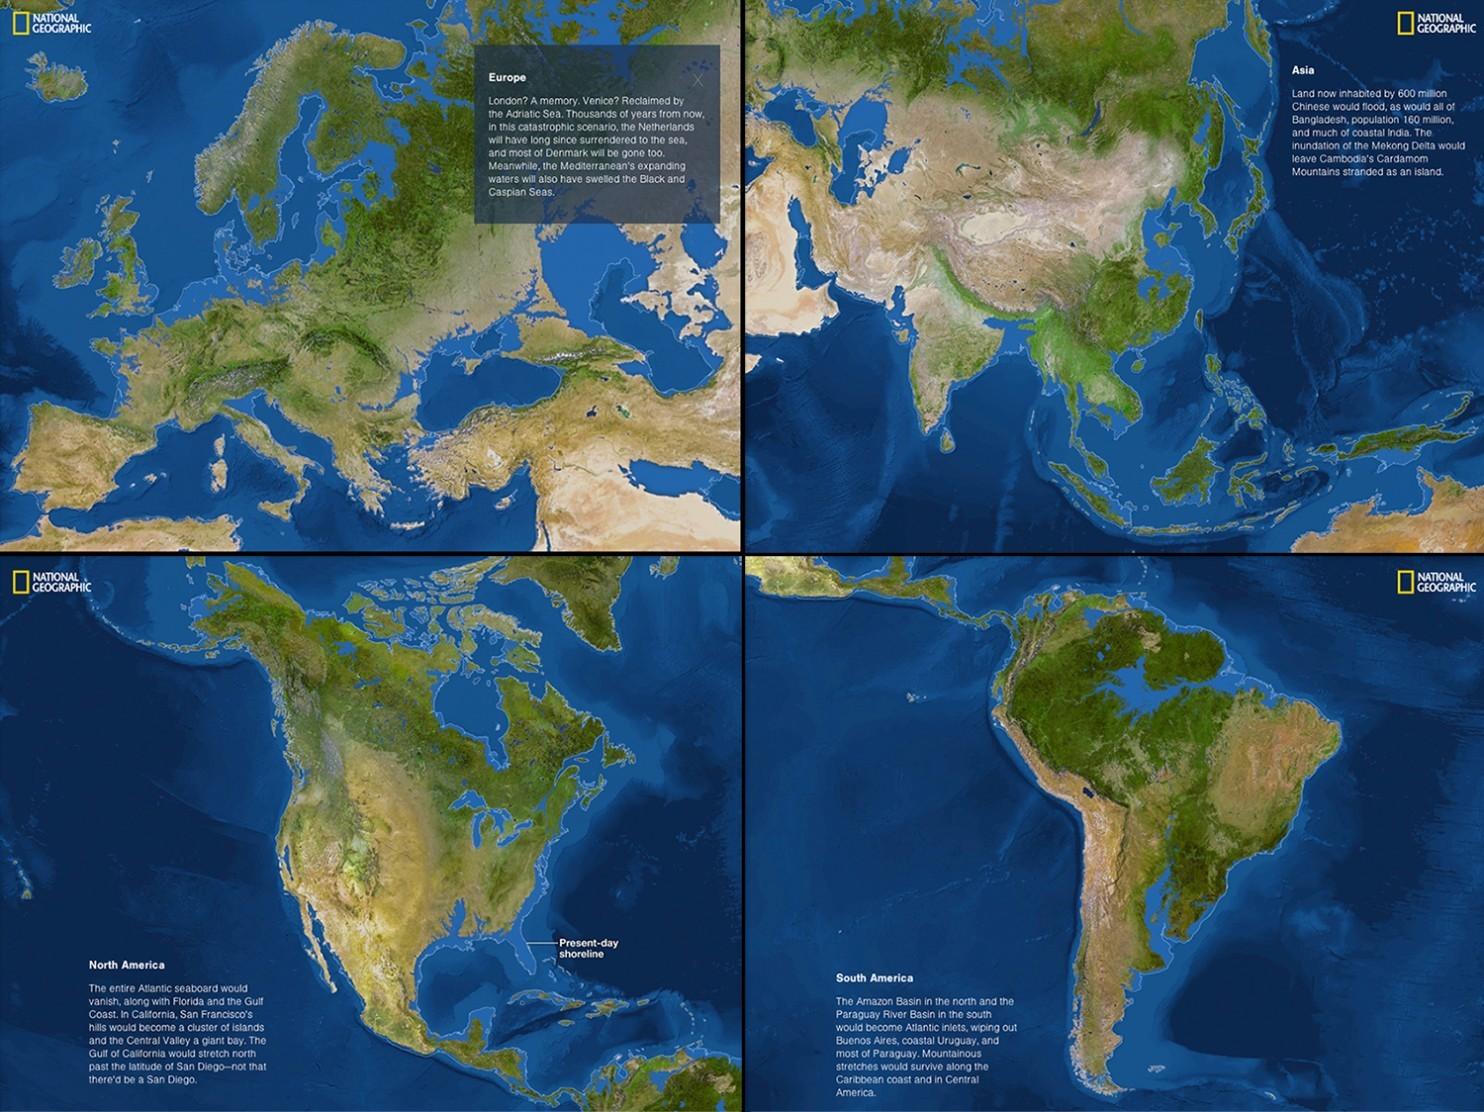 derretimento do gelo dos polos norte e sul